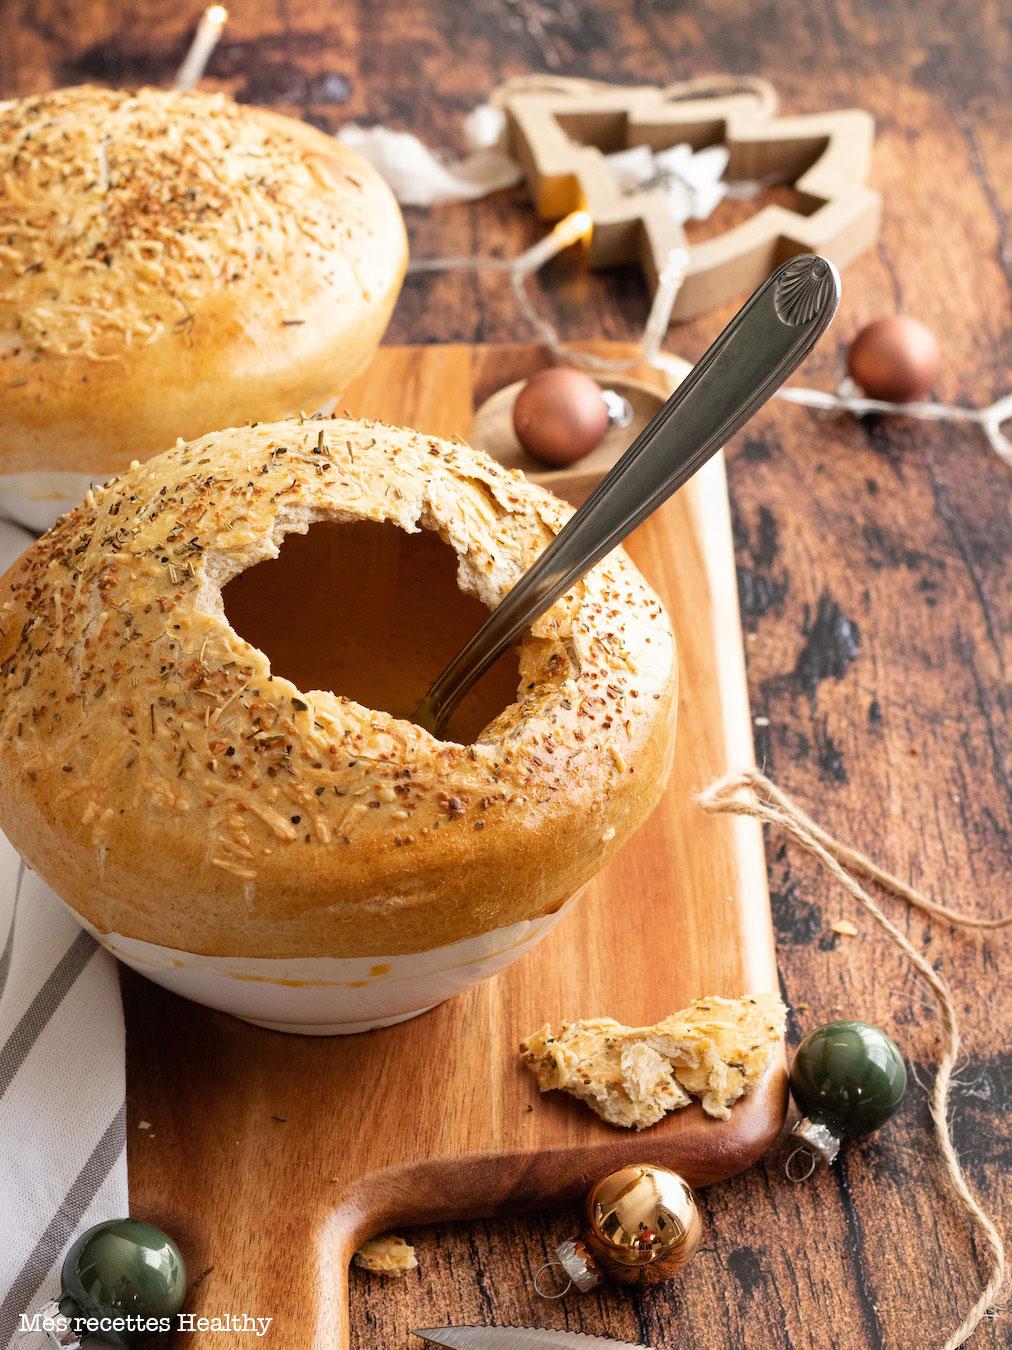 recette healthy-soupe de carotte-croute-noel-fete